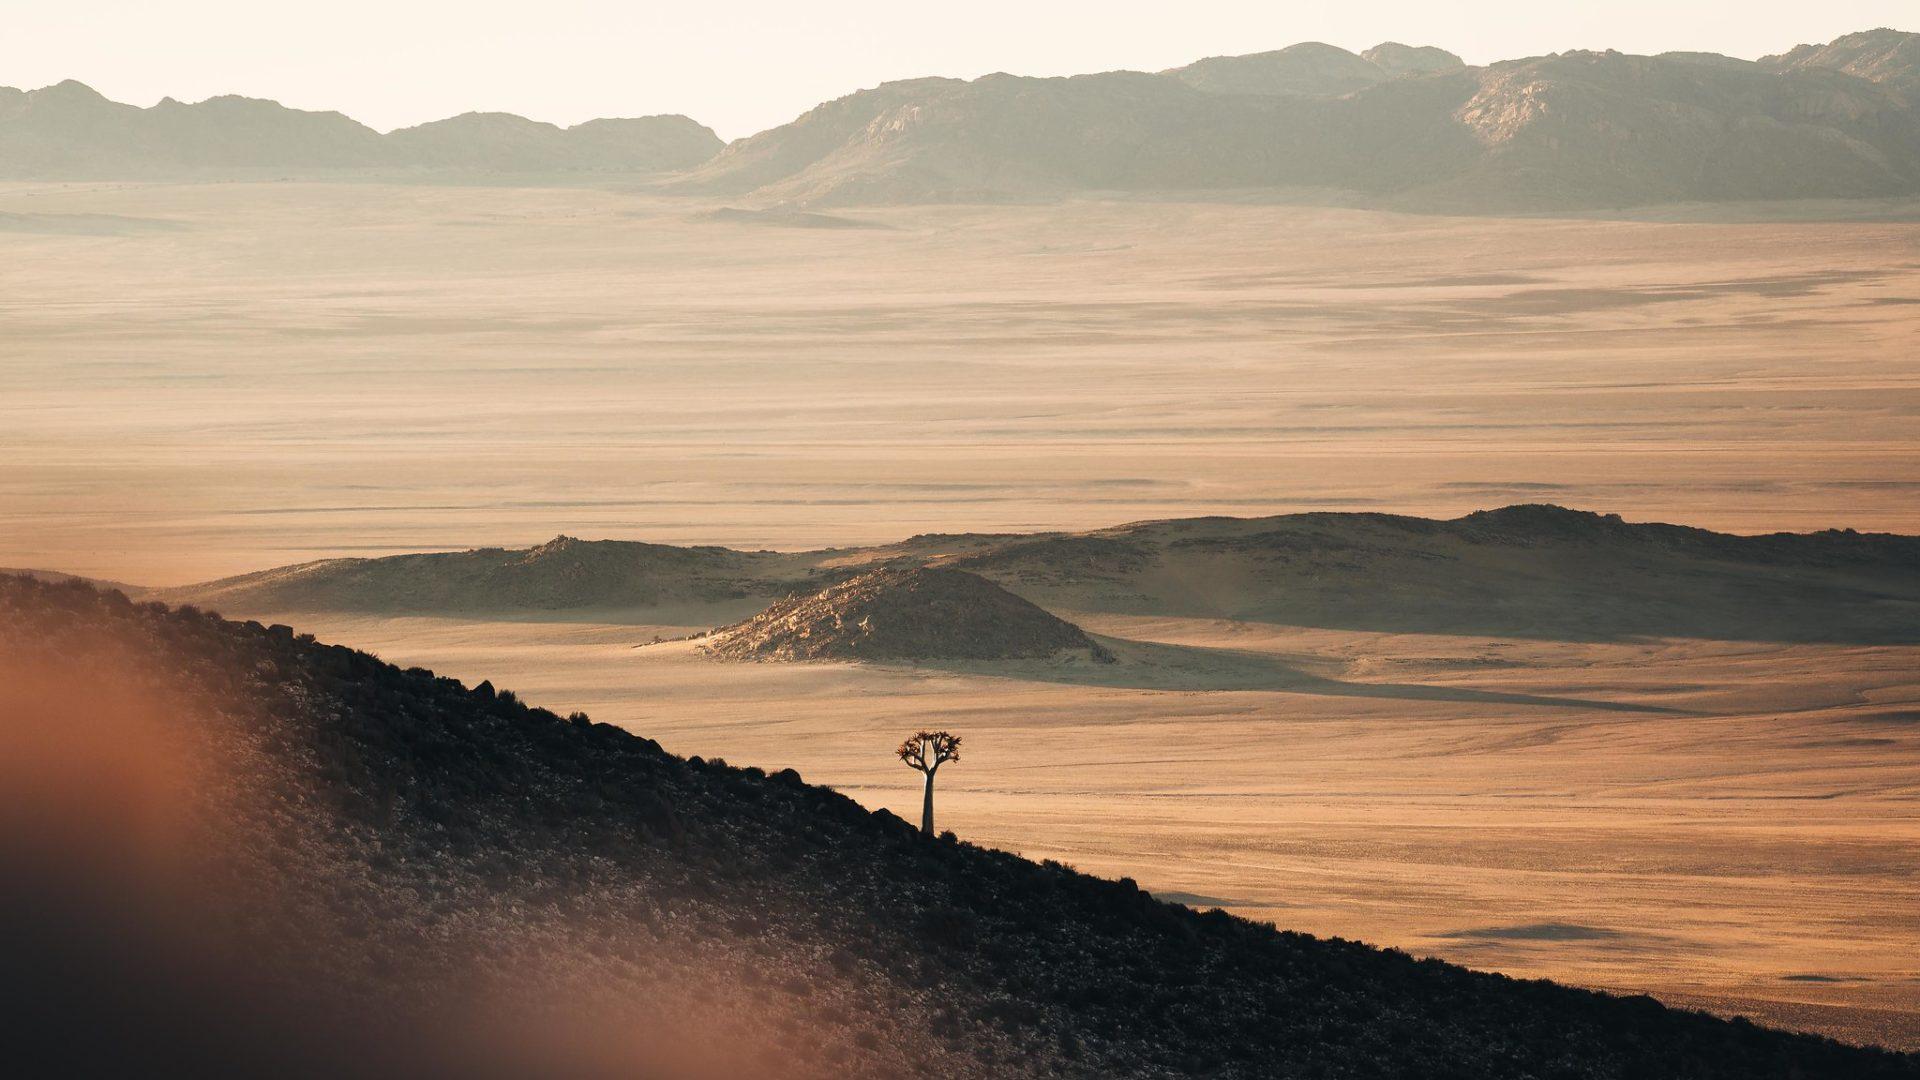 southern namibia namib rand landscape photography jason and emilie